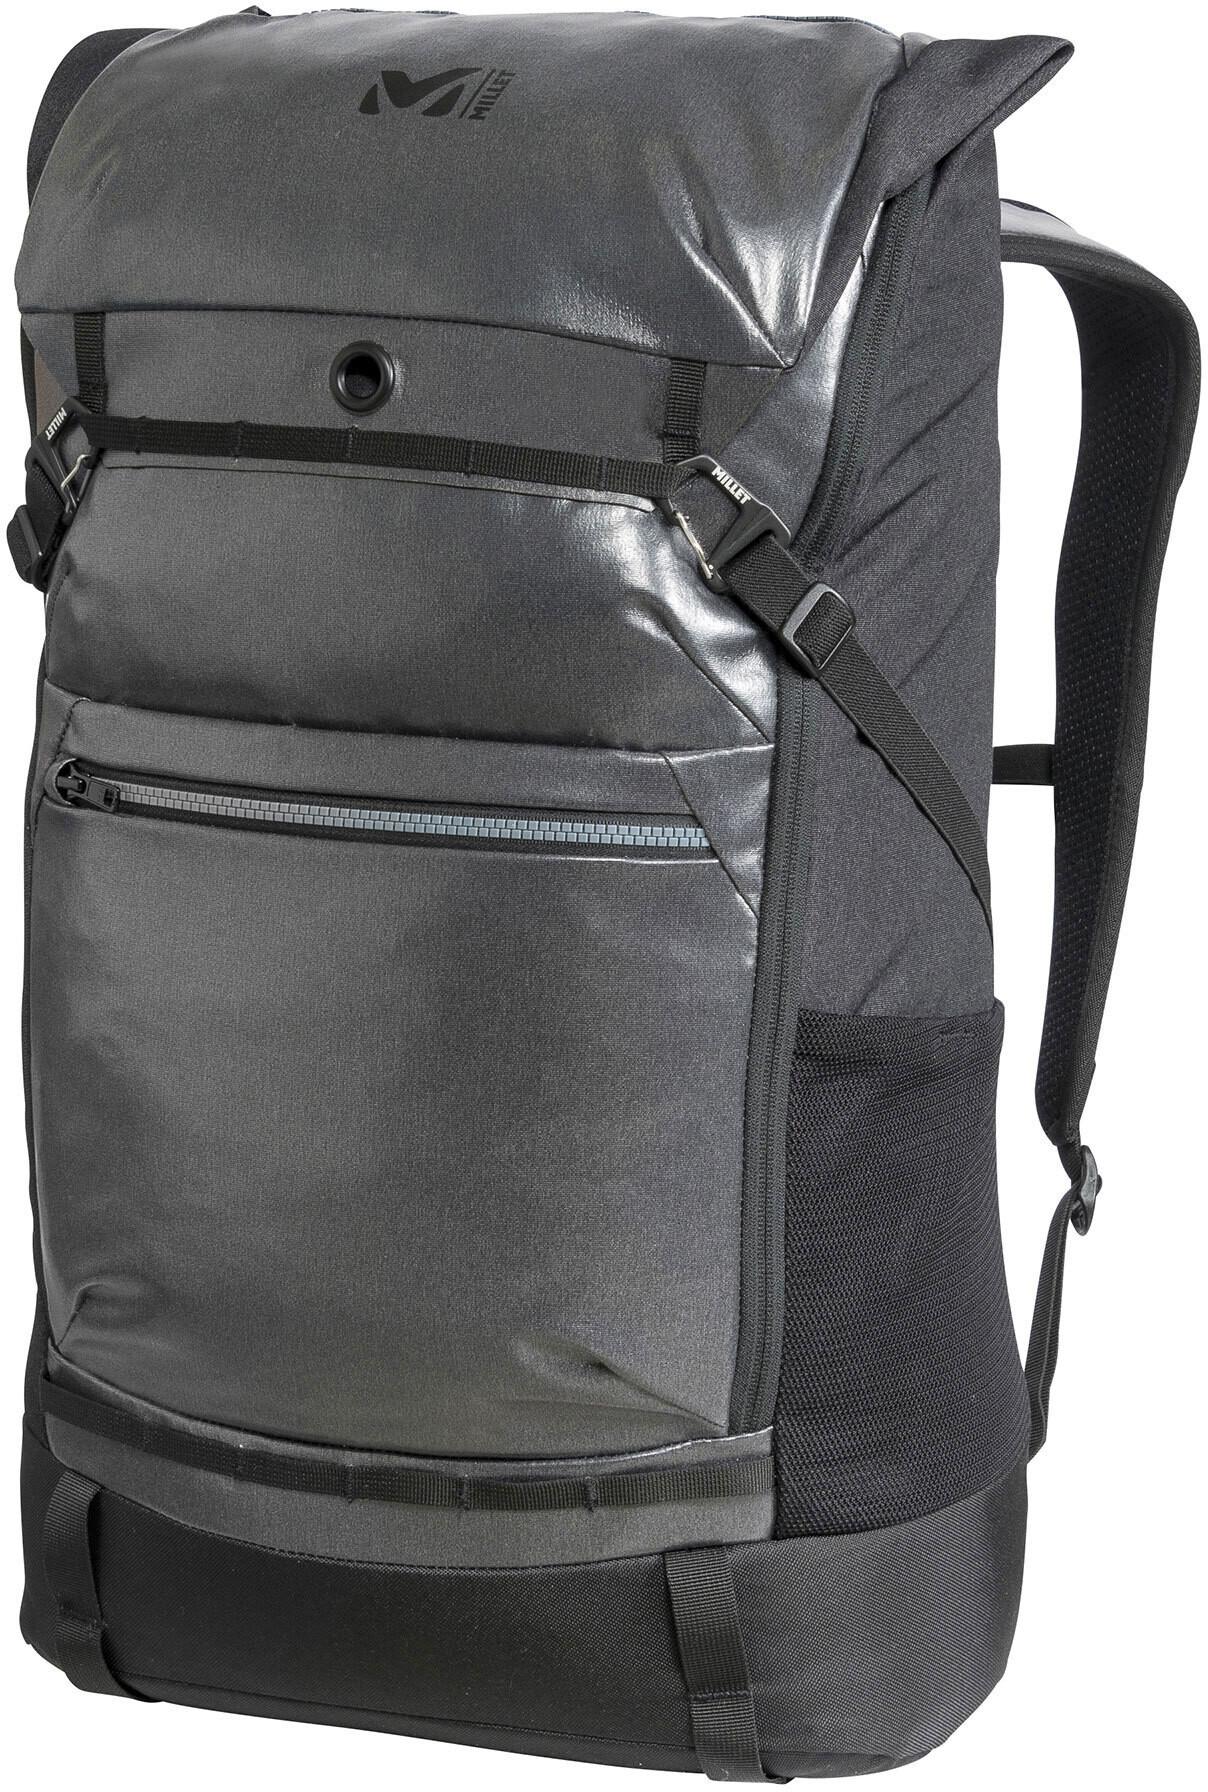 Millet Akan Pack 30 Rygsæk, black | Rygsæk og rejsetasker